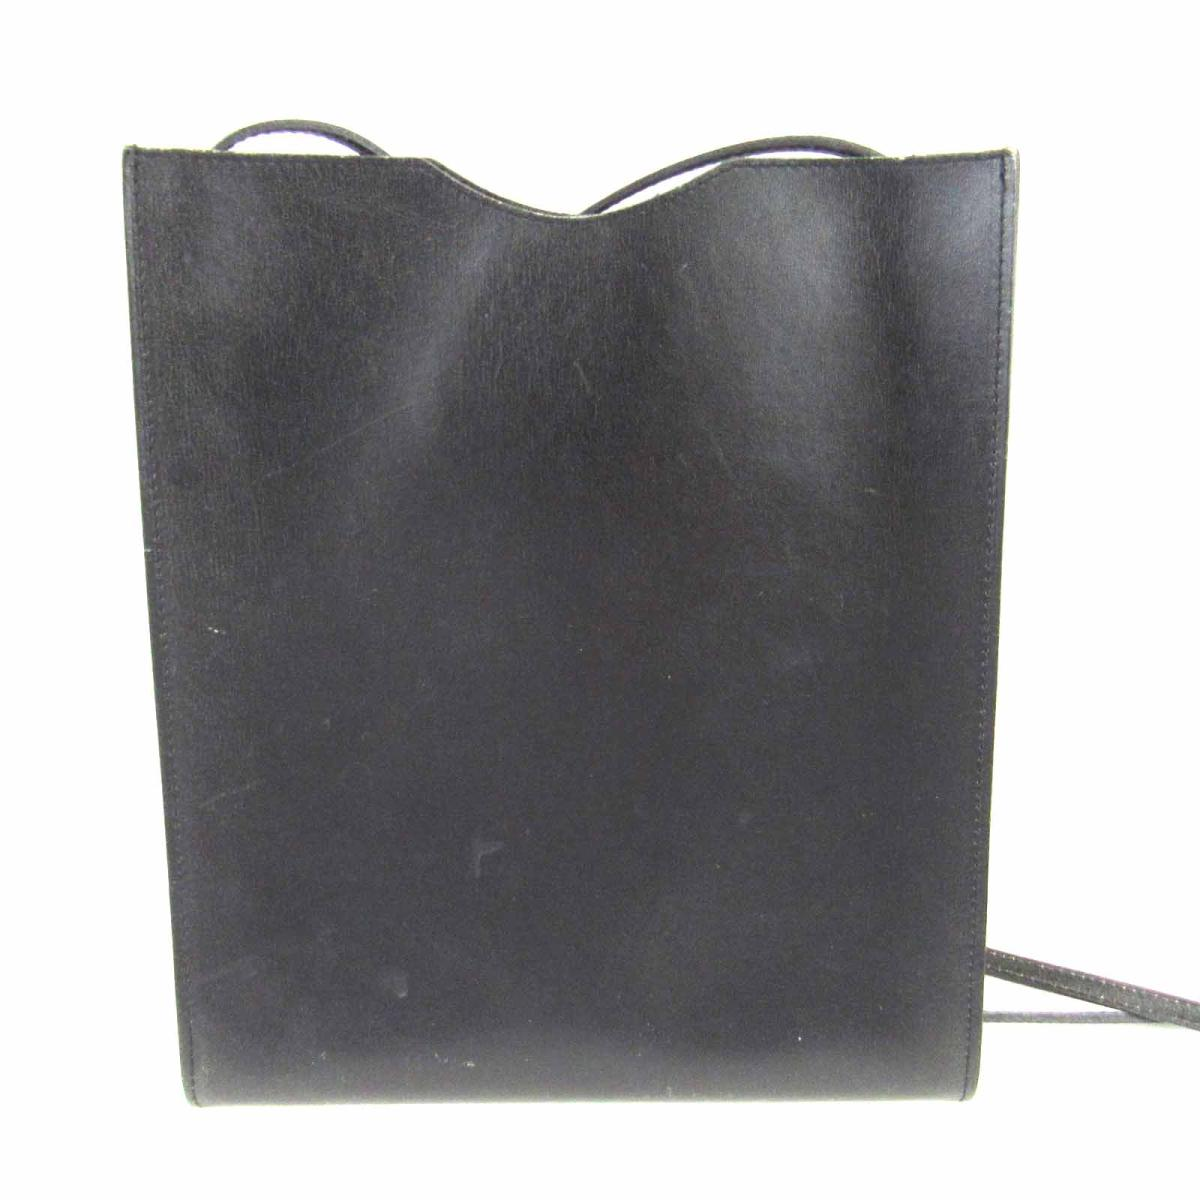 【中古】 エルメス オニメトゥ ショルダーバッグ レディース ボックスカーフ ブラック | HERMES ショルダーバック ショルダー 肩がけ バッグ バック BAG カバン 鞄 ブランドバッグ ブランドバック ブランドオフ